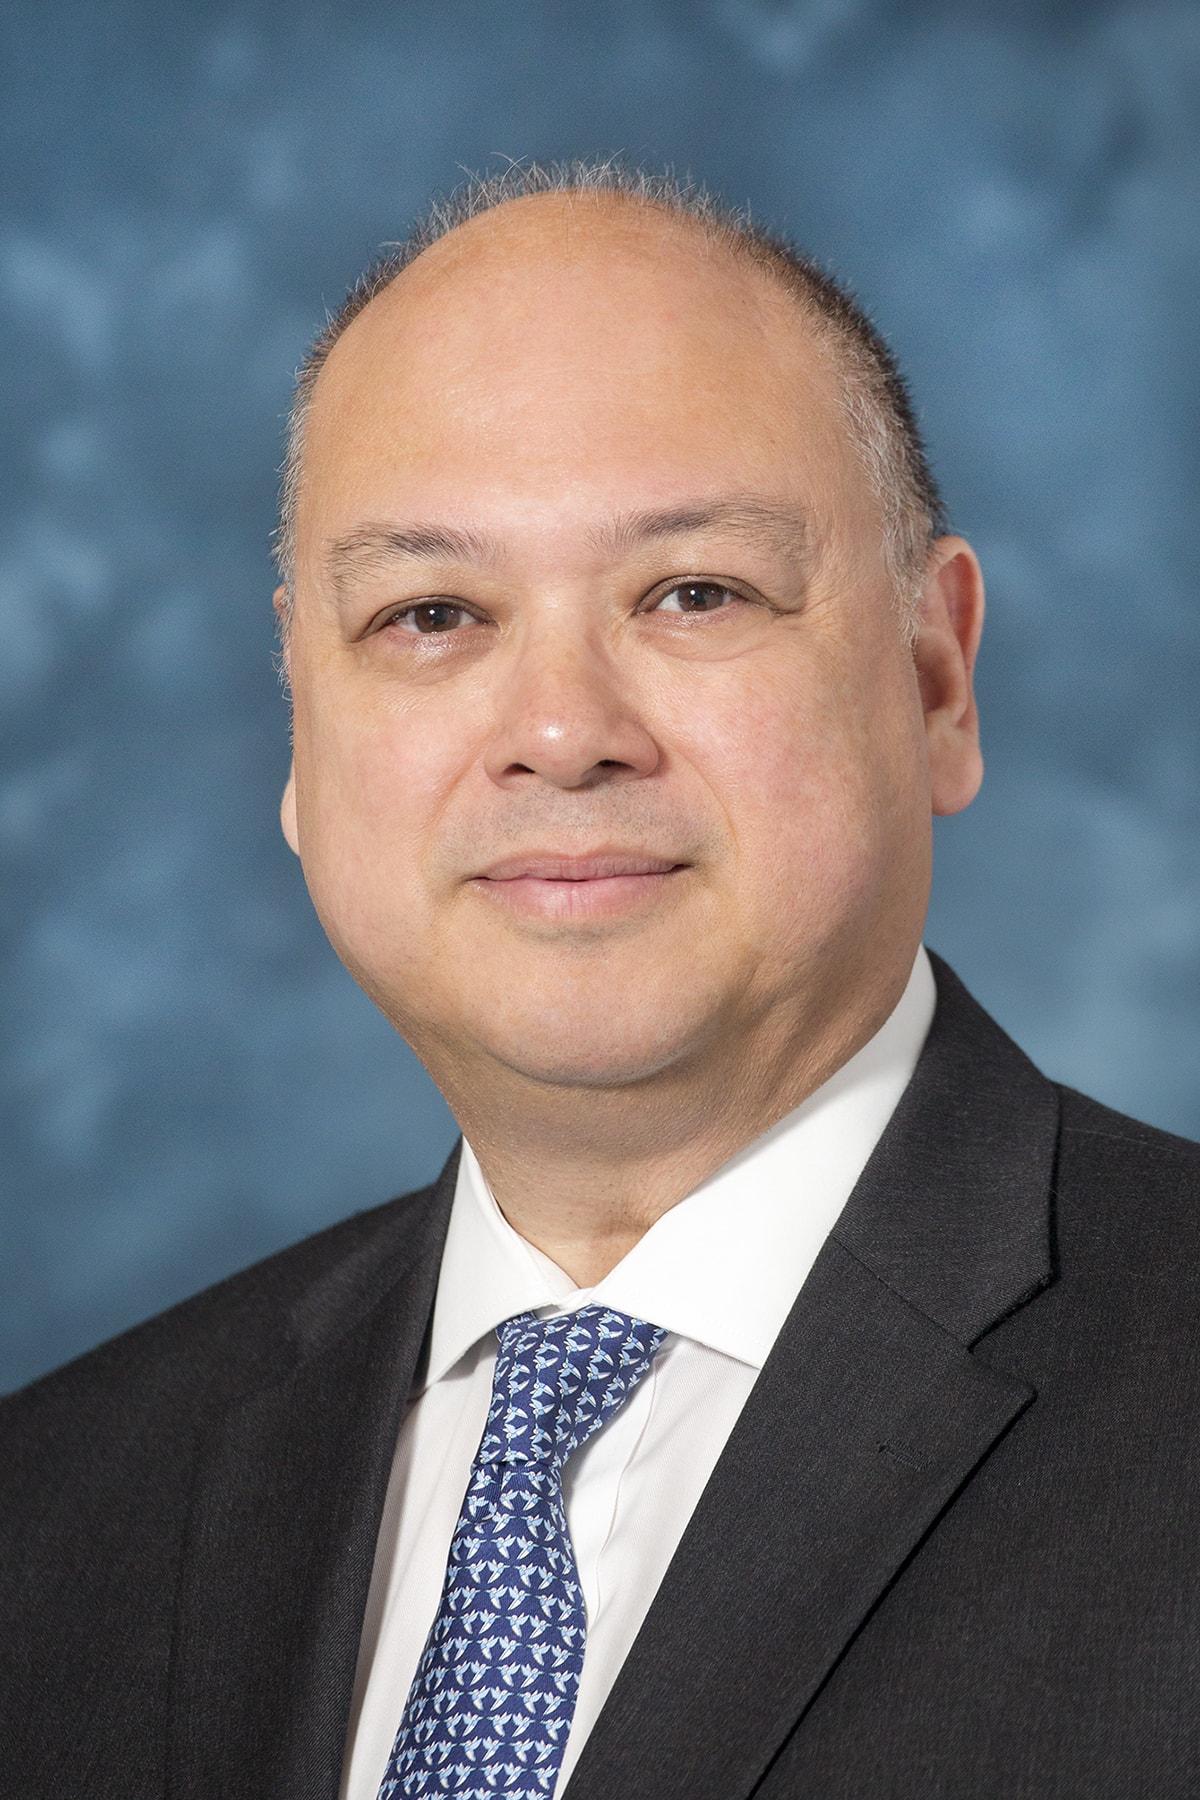 Christian A. Garcia